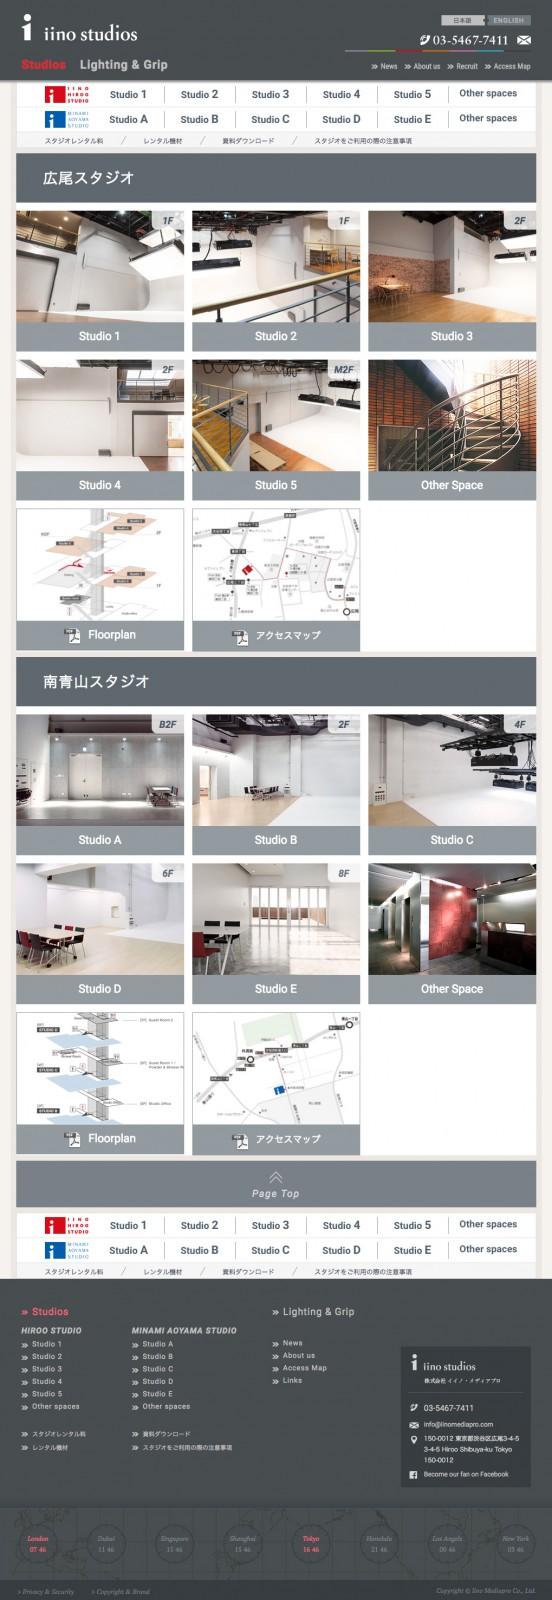 イイノ・広尾スタジオ/南青山スタジオ|株式会社 イイノ・メディアプロ_1